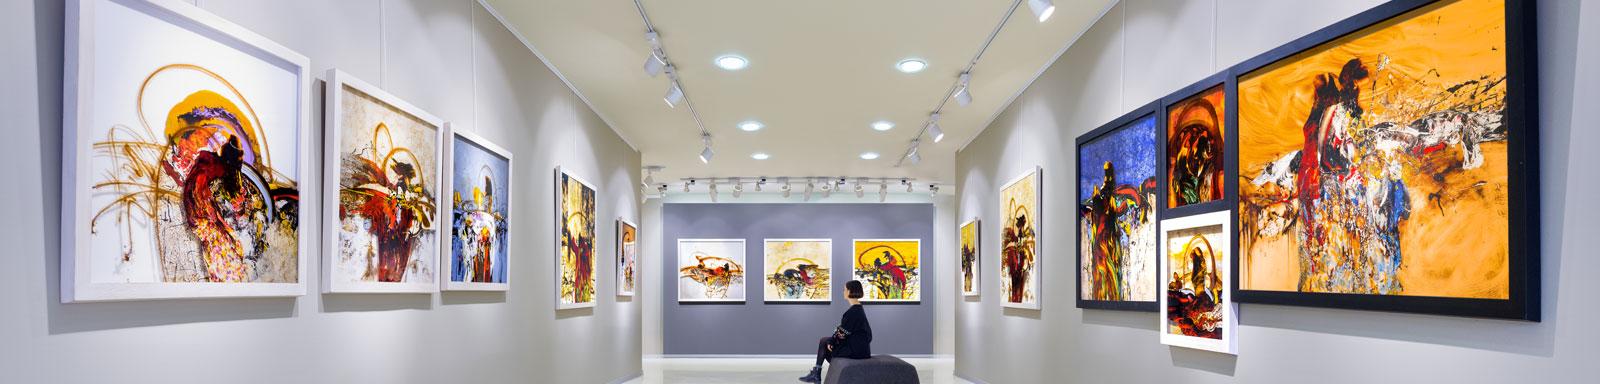 Museum of Contemtporary Art in Miami